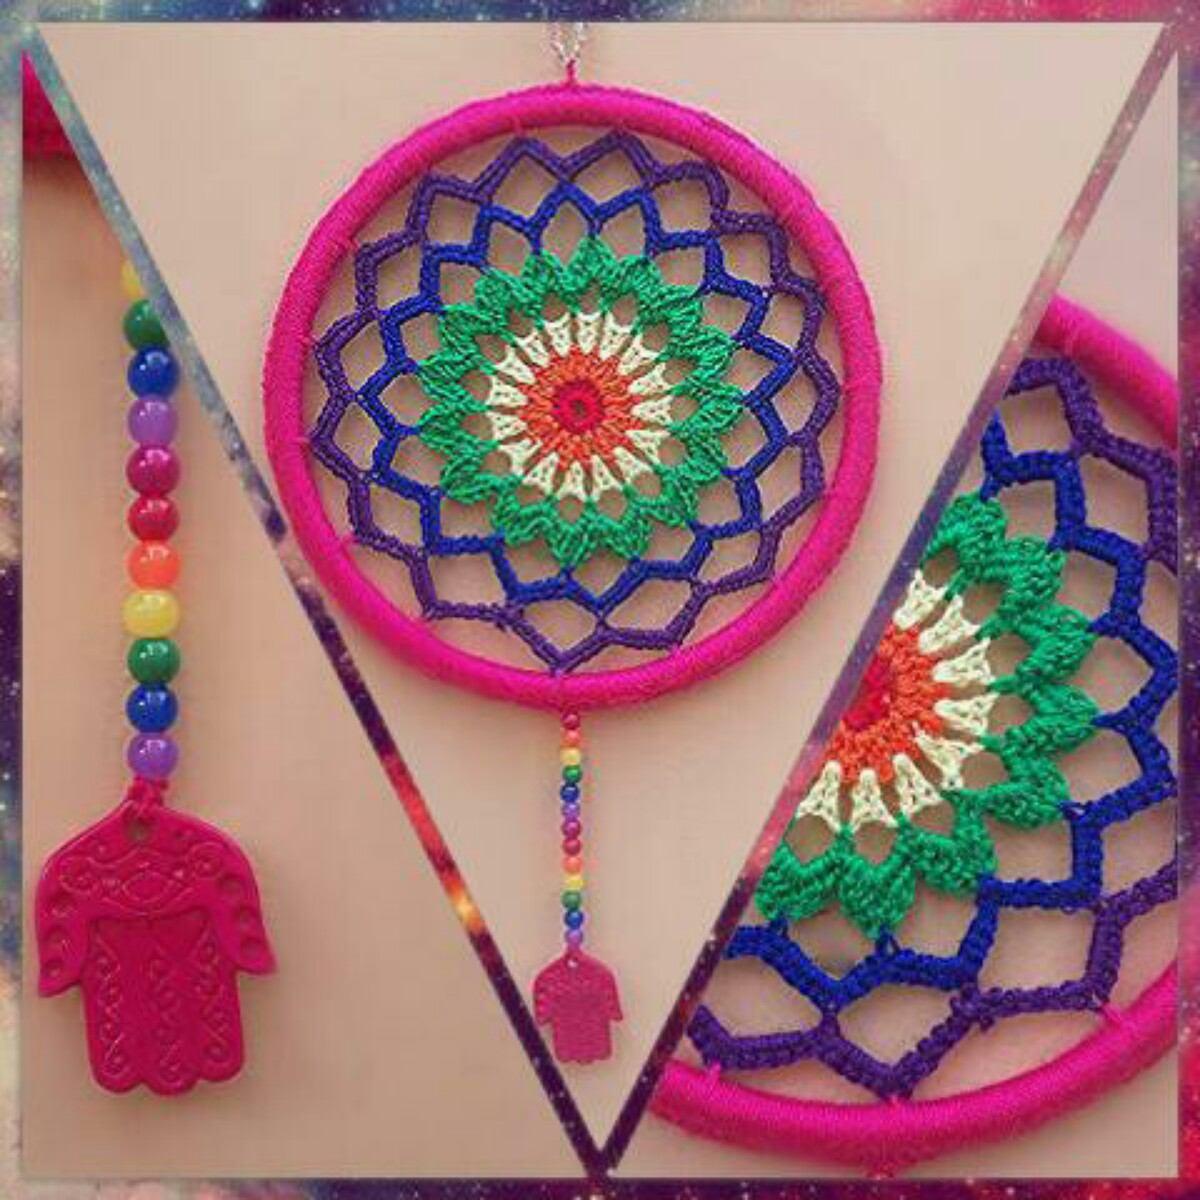 Vistoso Patrón De Crochet Mandala Imagen - Manta de Tejer Patrón de ...